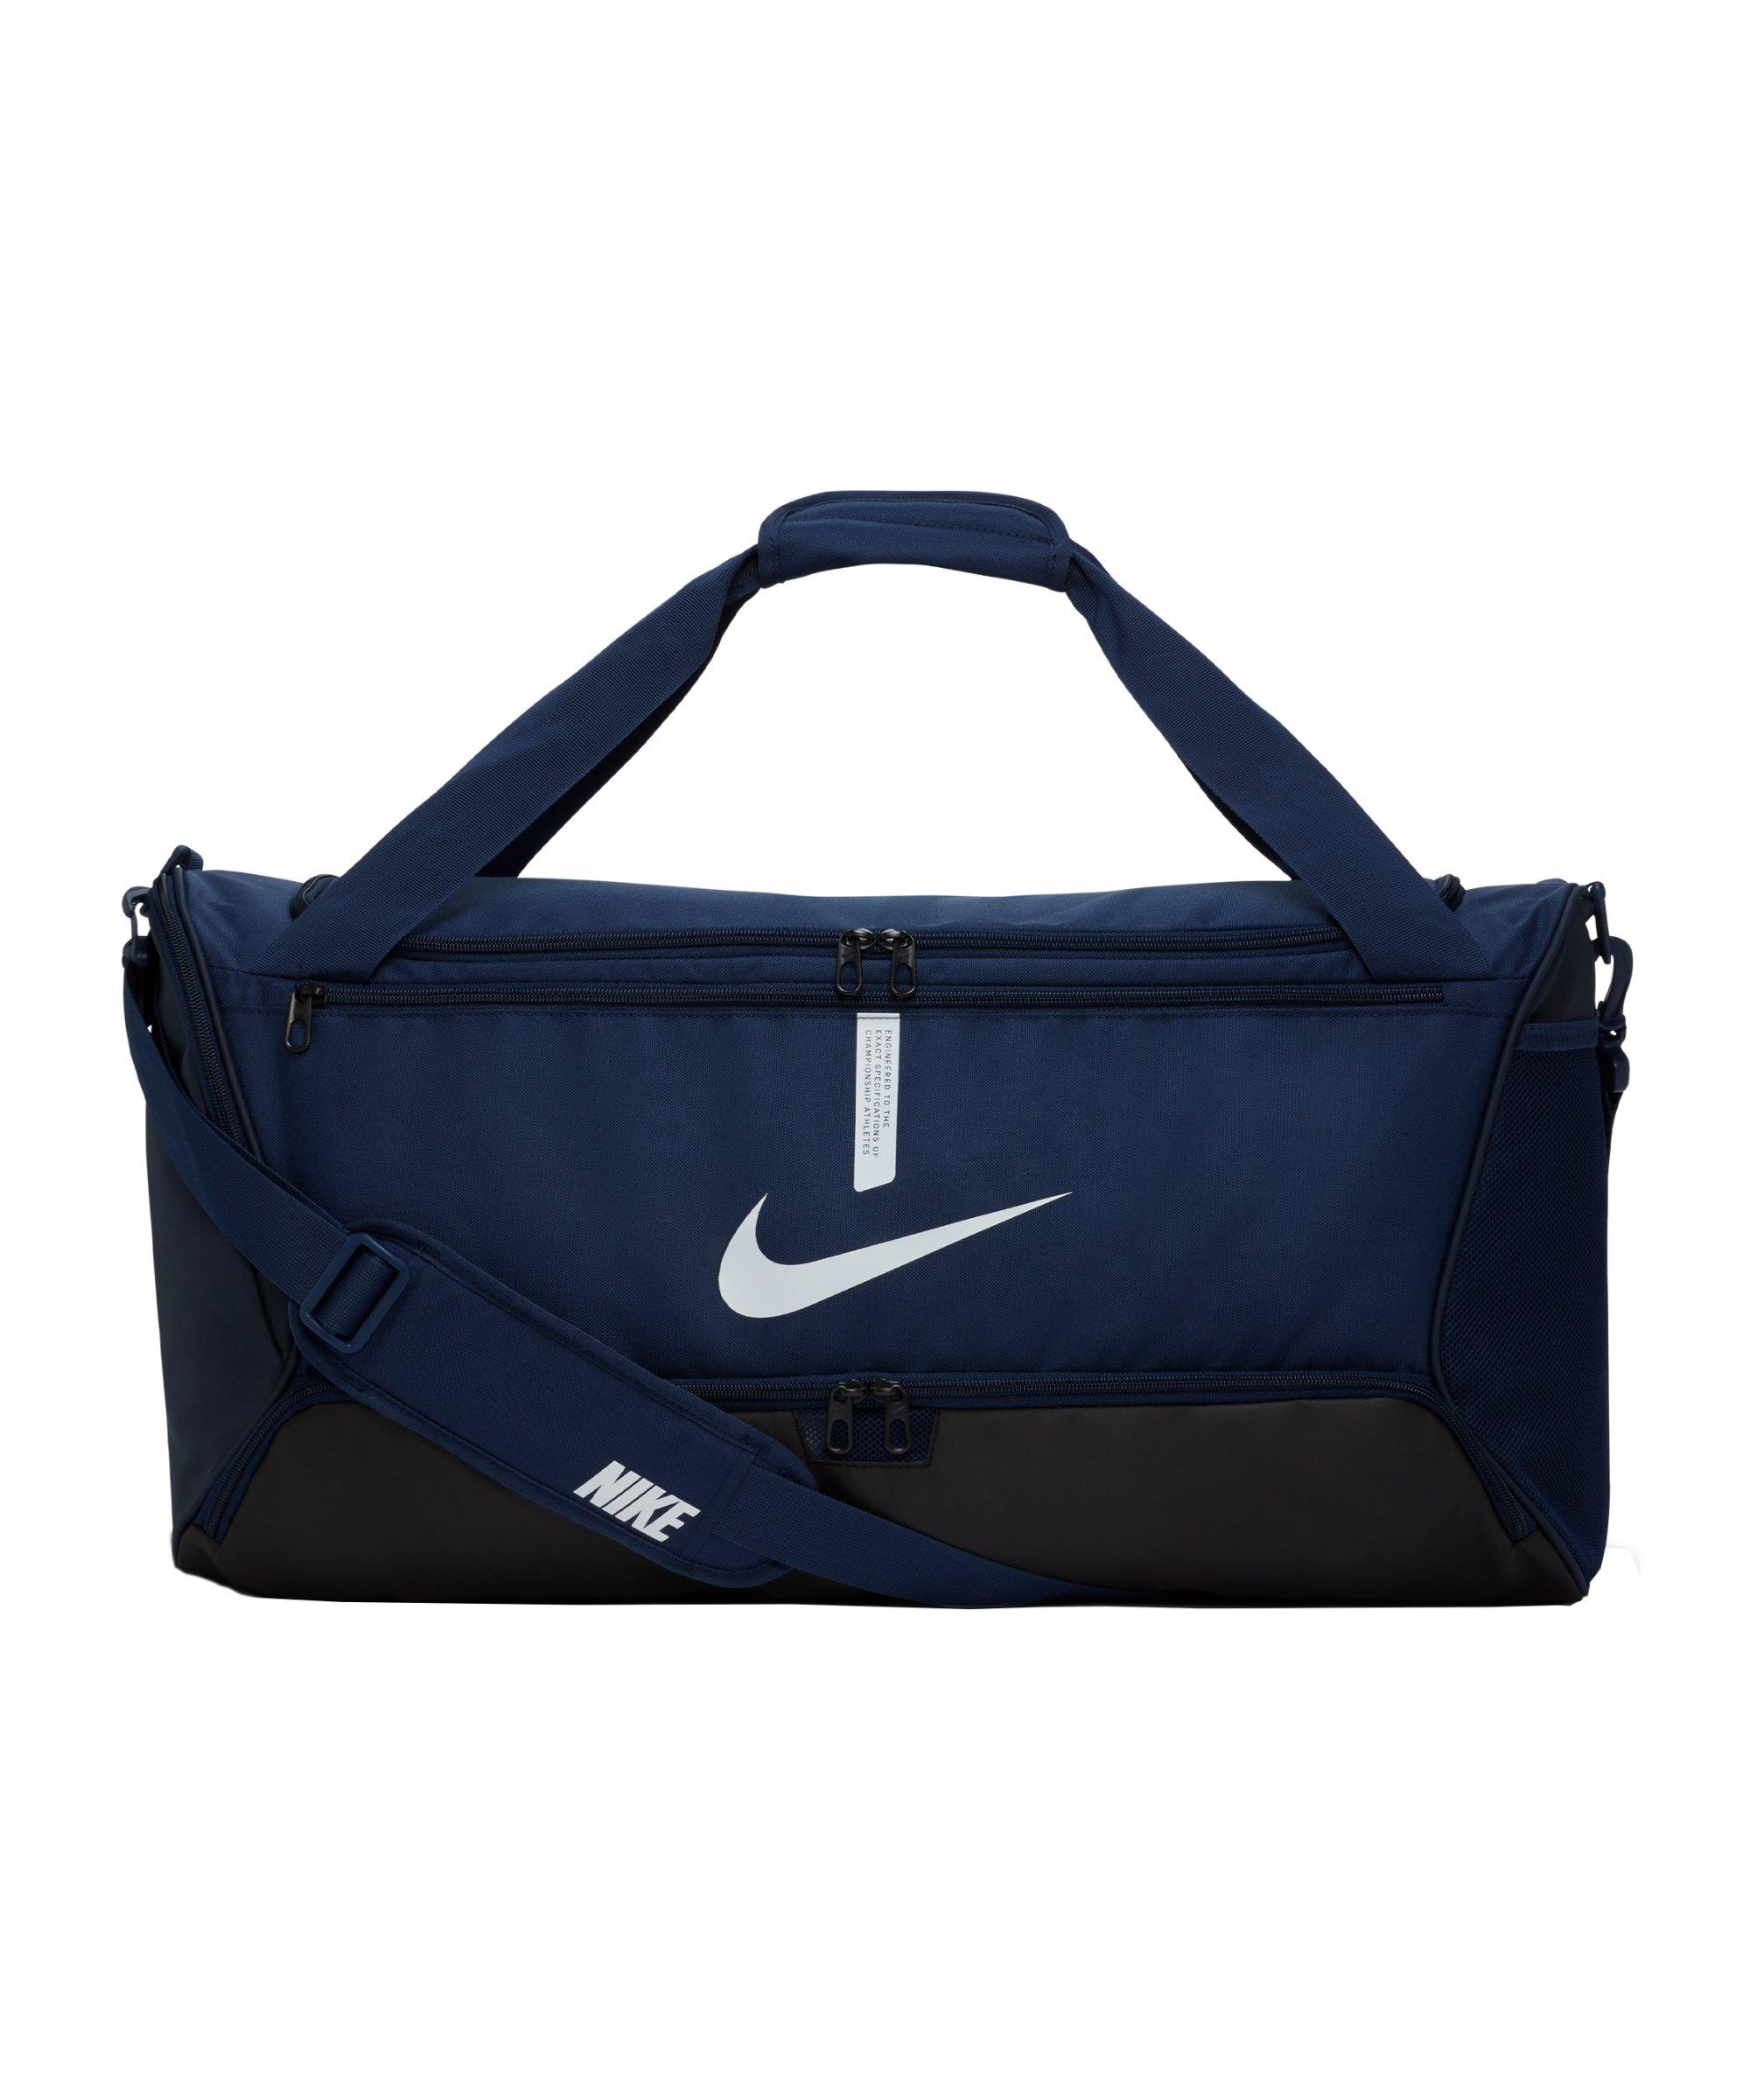 Nike Academy Team Duffel Tasche Medium Blau F410 - blau